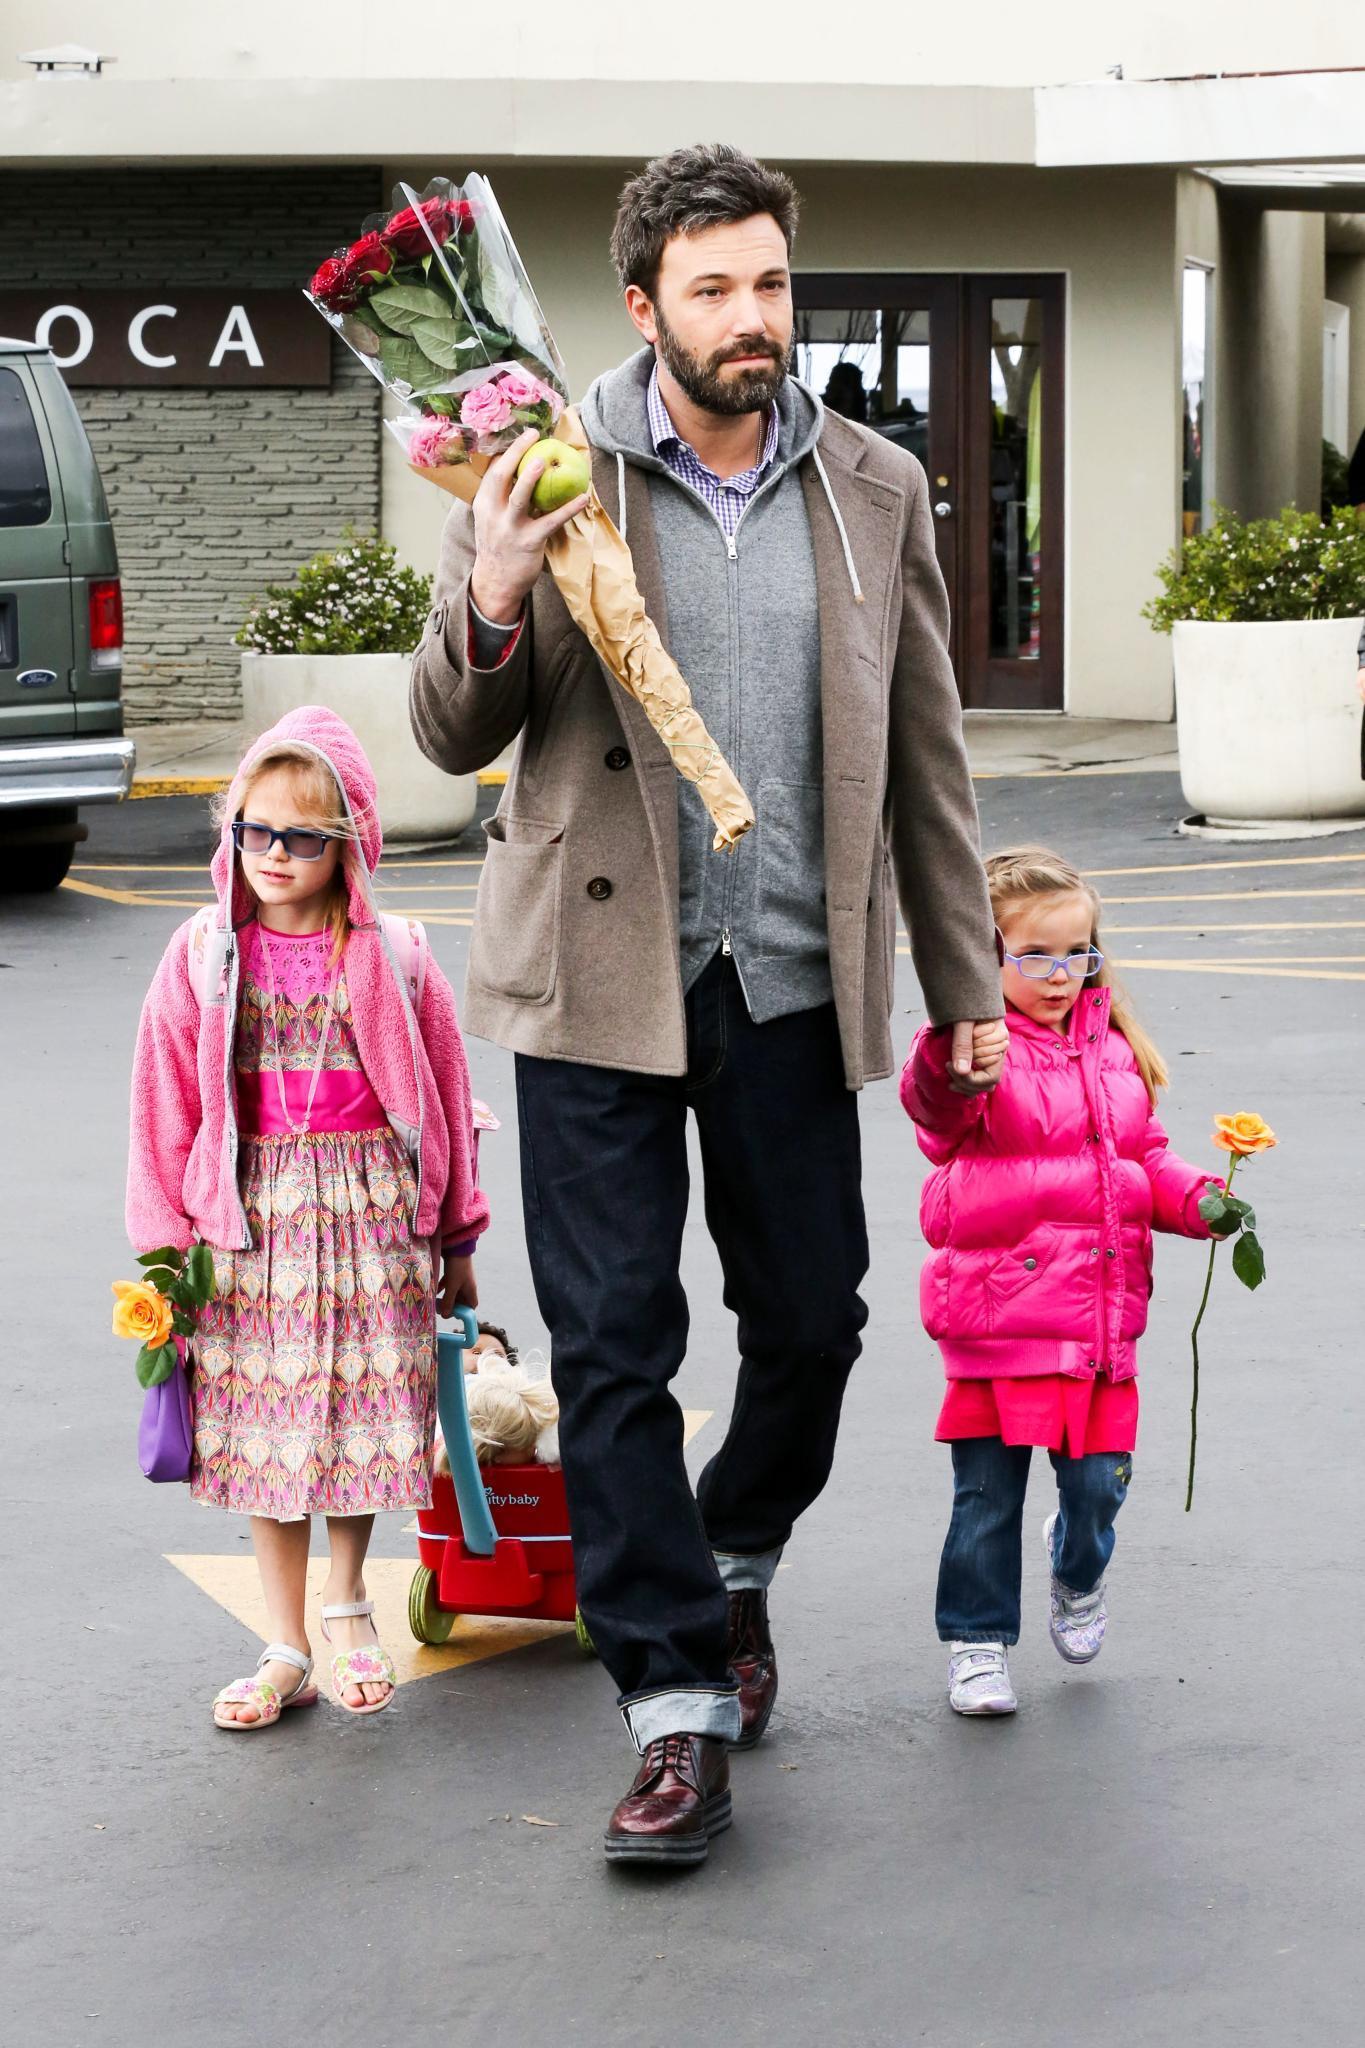 27. Januar 2013   Ben Affleck ist mit seinen Töchtern Violet und Seraphina in Pacific Palisades unterwegs. Für Mama Jennifer Garner gibt es Blumen vom Markt.